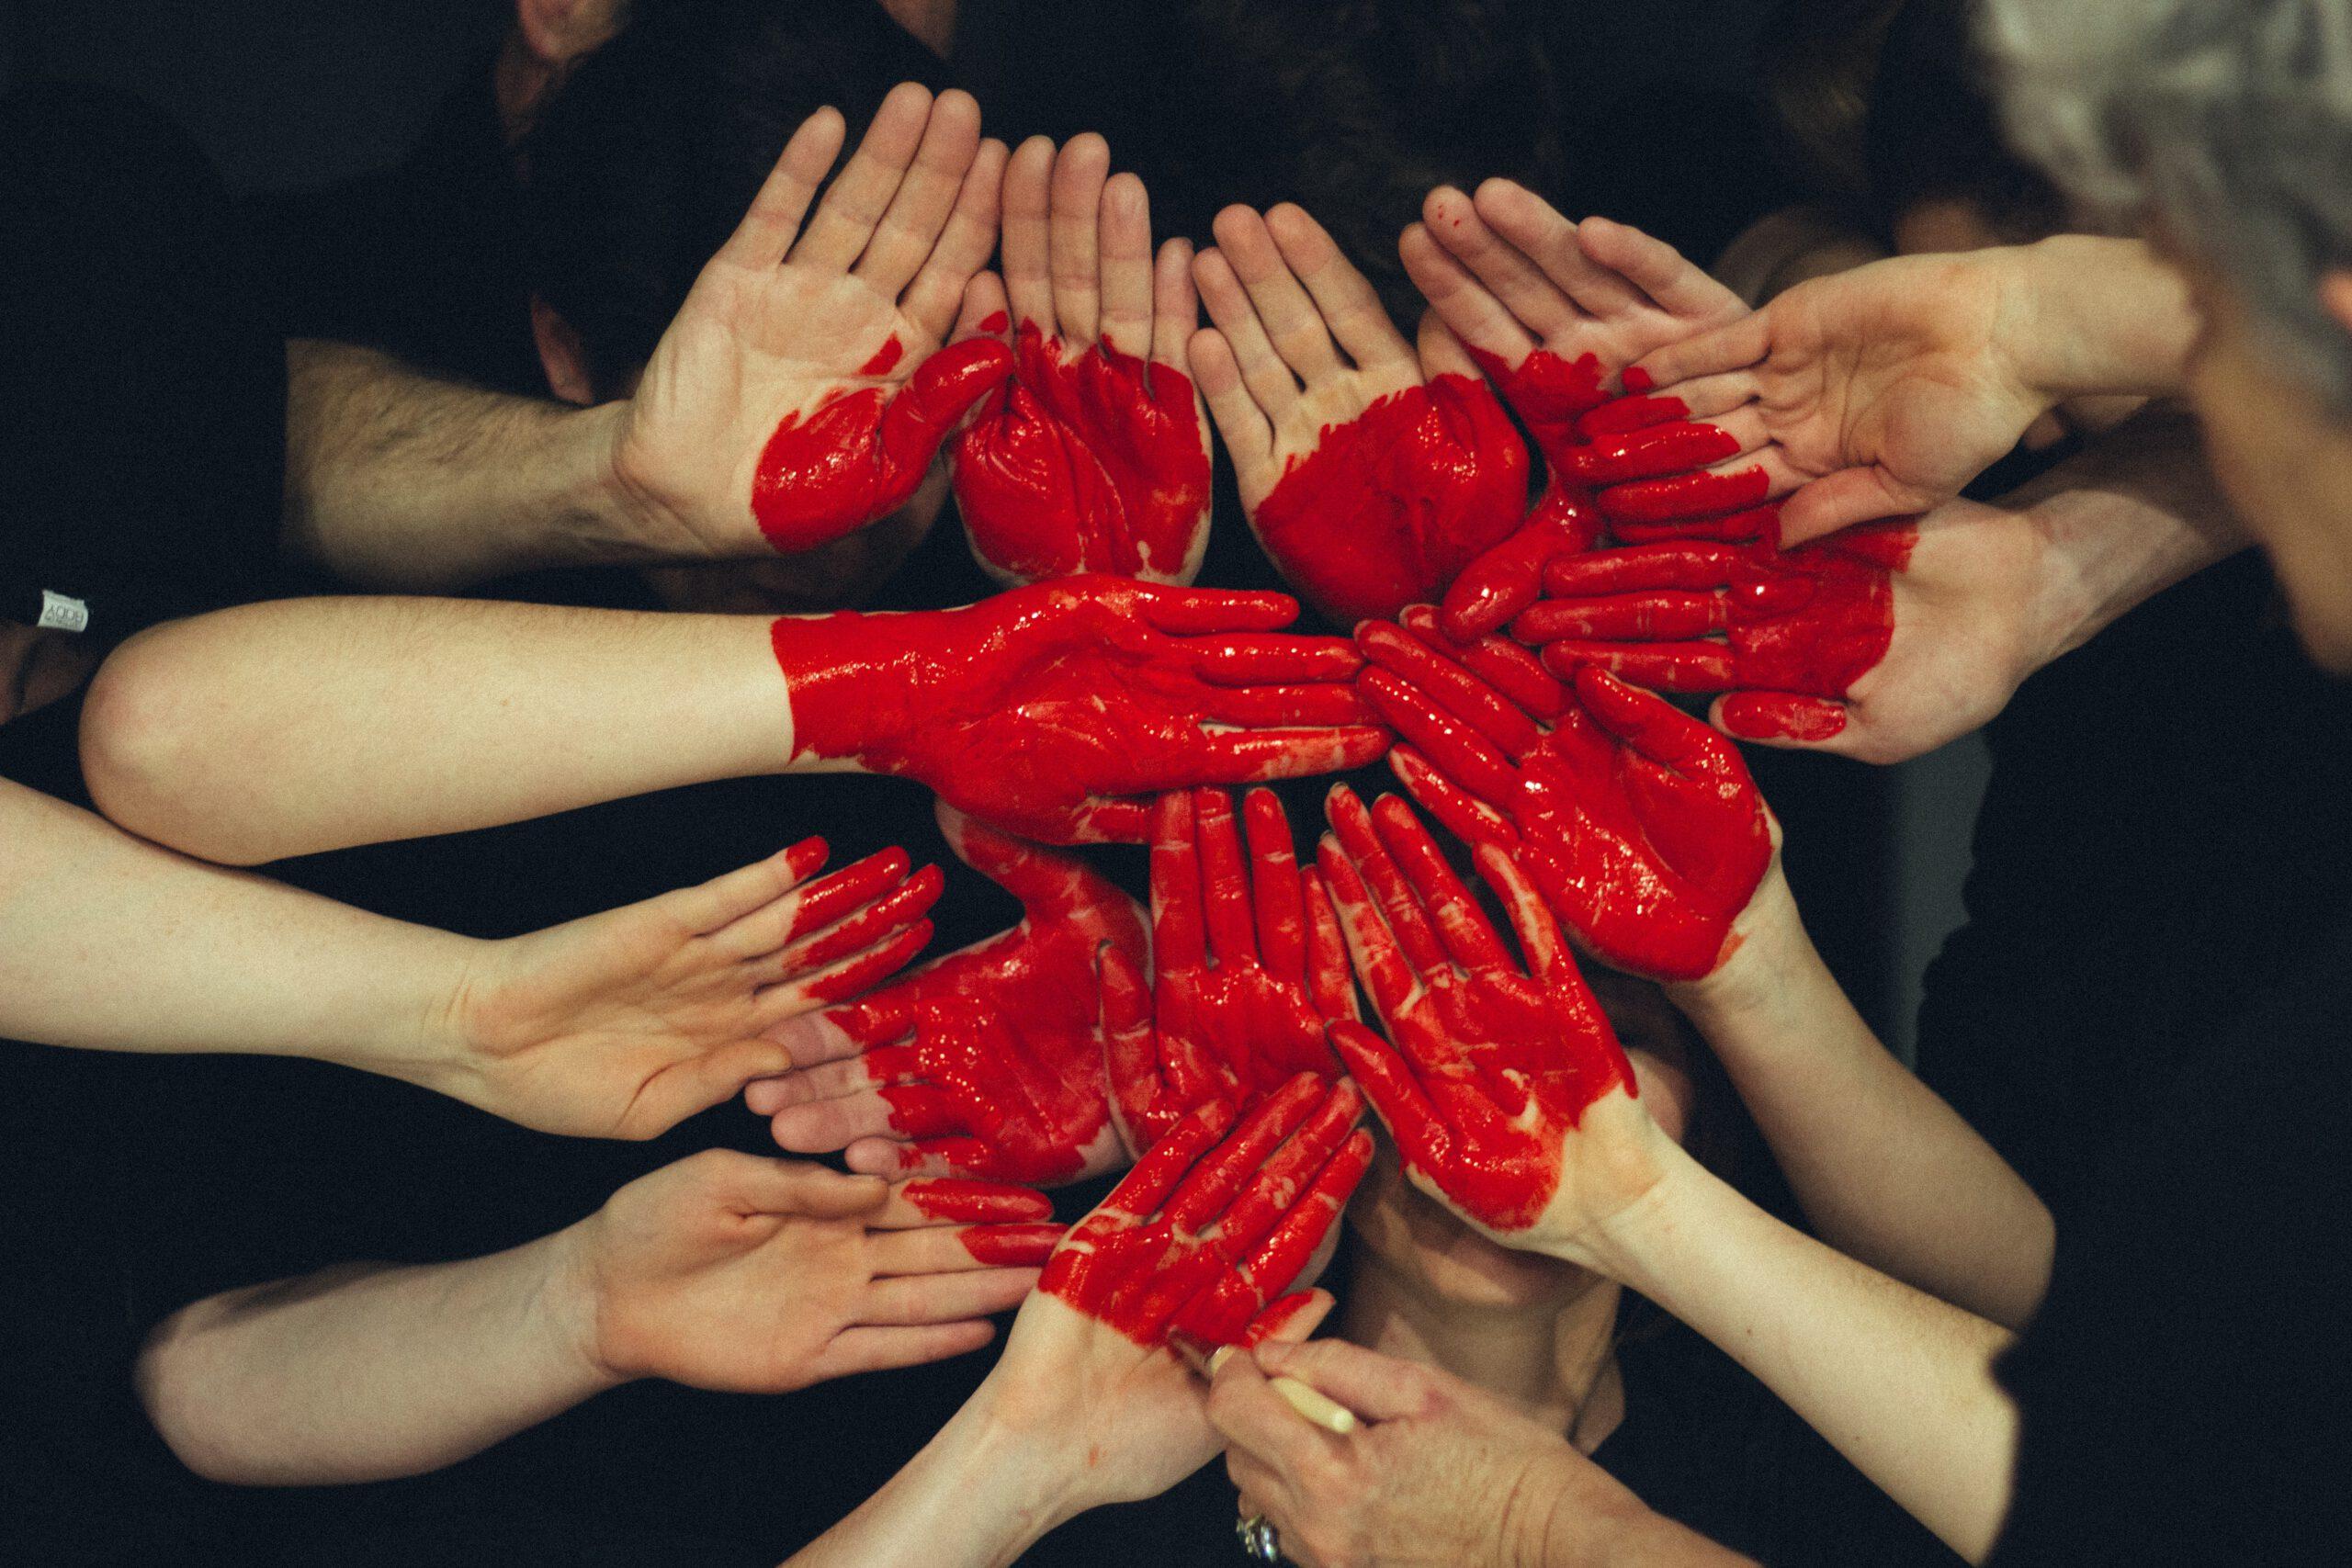 18 Arme Aus Der Vogelperspektive , Die Sich In Form Eines Kreises An Der Spitze Ihrer Hände Berühren. Über Alle Hände Ist Mit Roter Farbe Ein Großes Herz Gemalt.